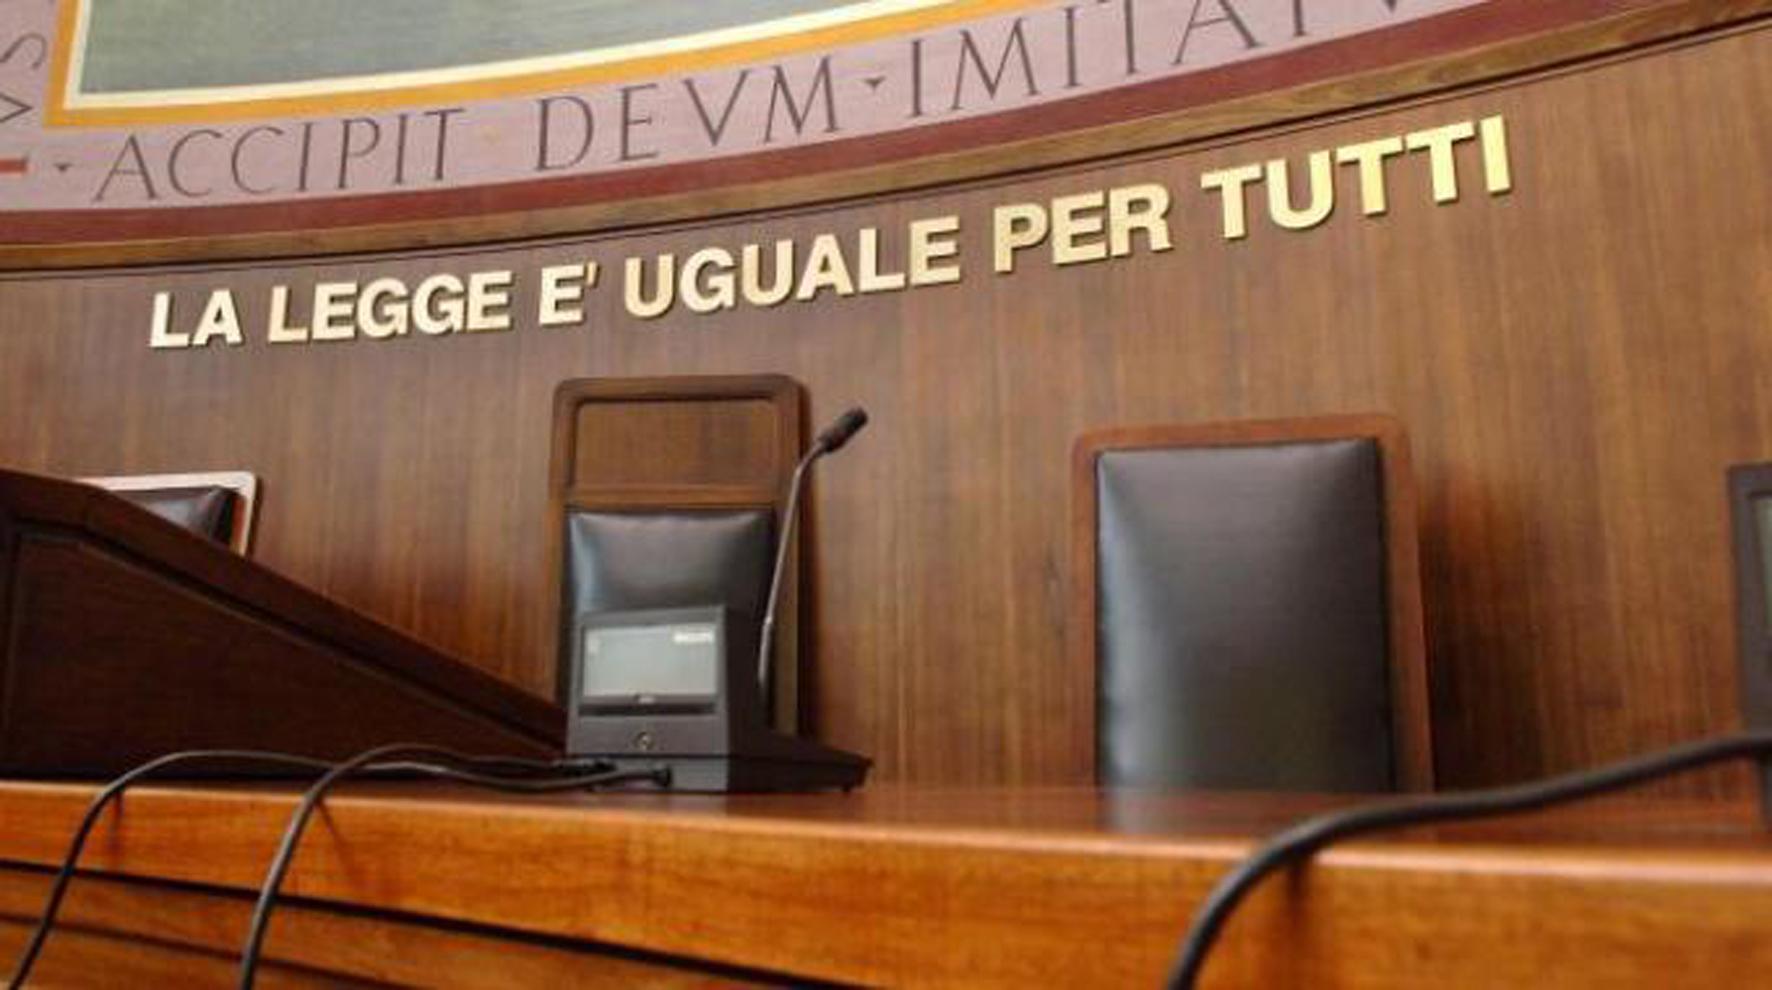 Corruzione: condannato un cancelliere del Tribunale di Siracusa a tre anni e otto mesi di reclusione